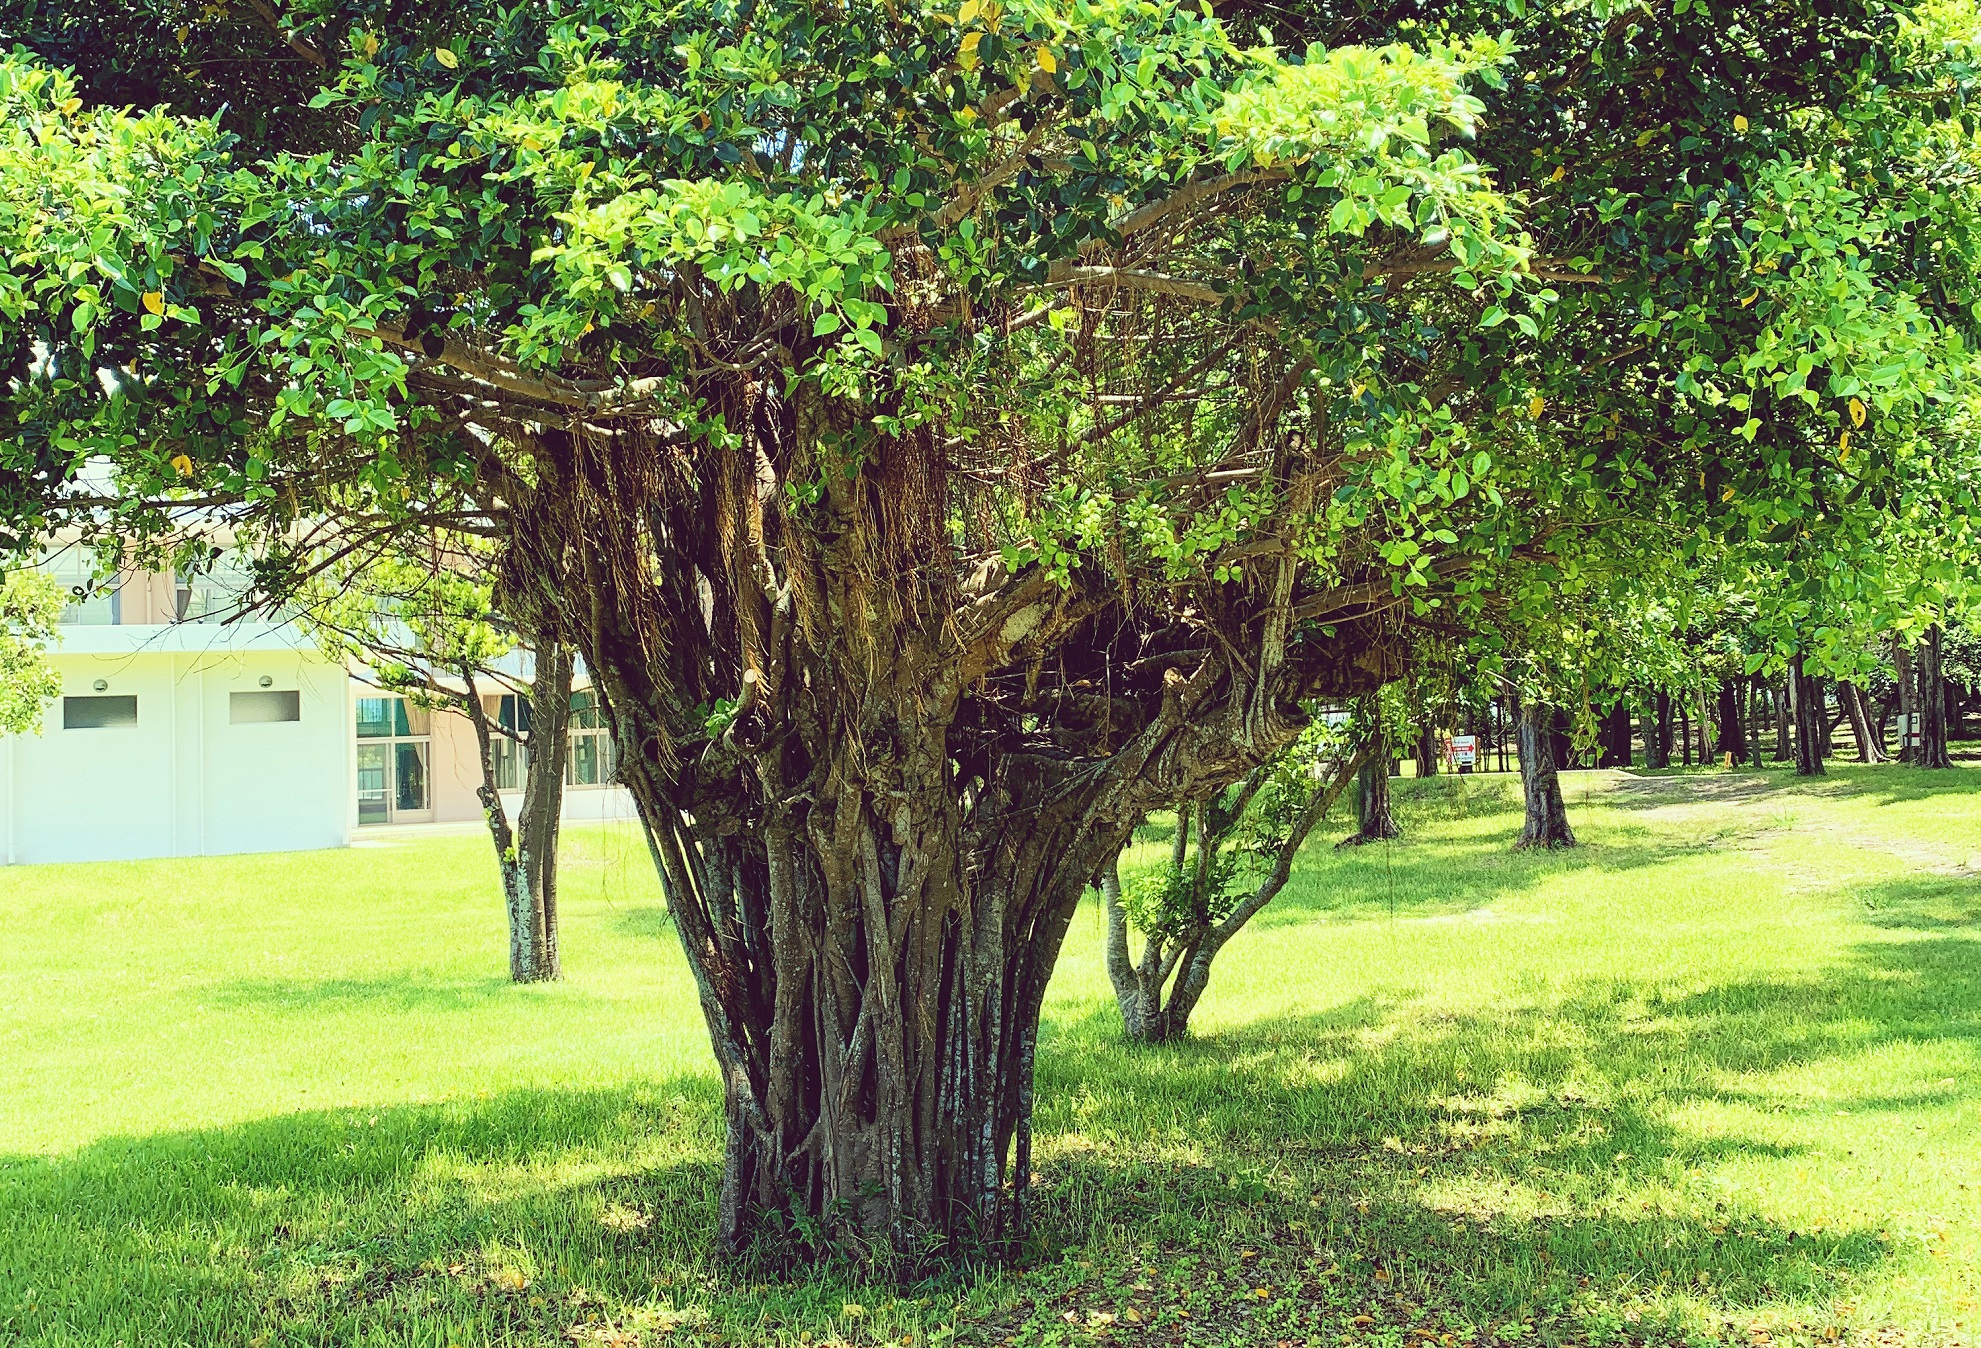 大きなガジュマルの木に見守られながら、元気に遊べる最高の環境~伊江村での子育て環境をご紹介・保育園&公園編~